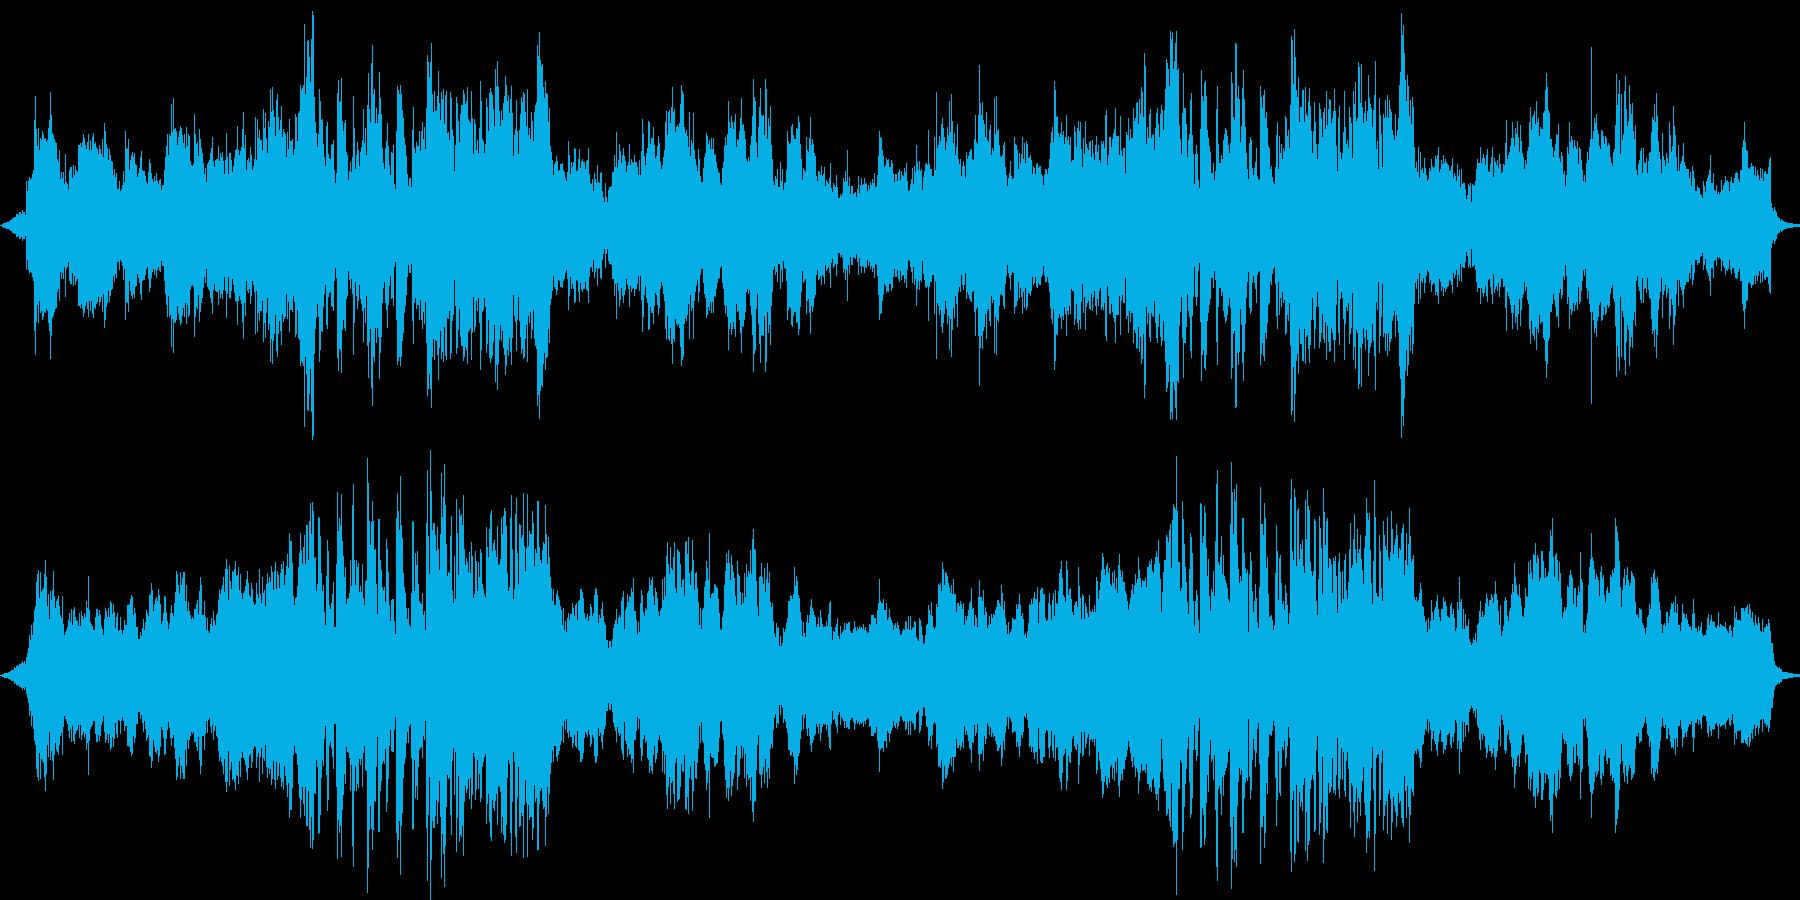 何かはじまりそうな曲ですの再生済みの波形